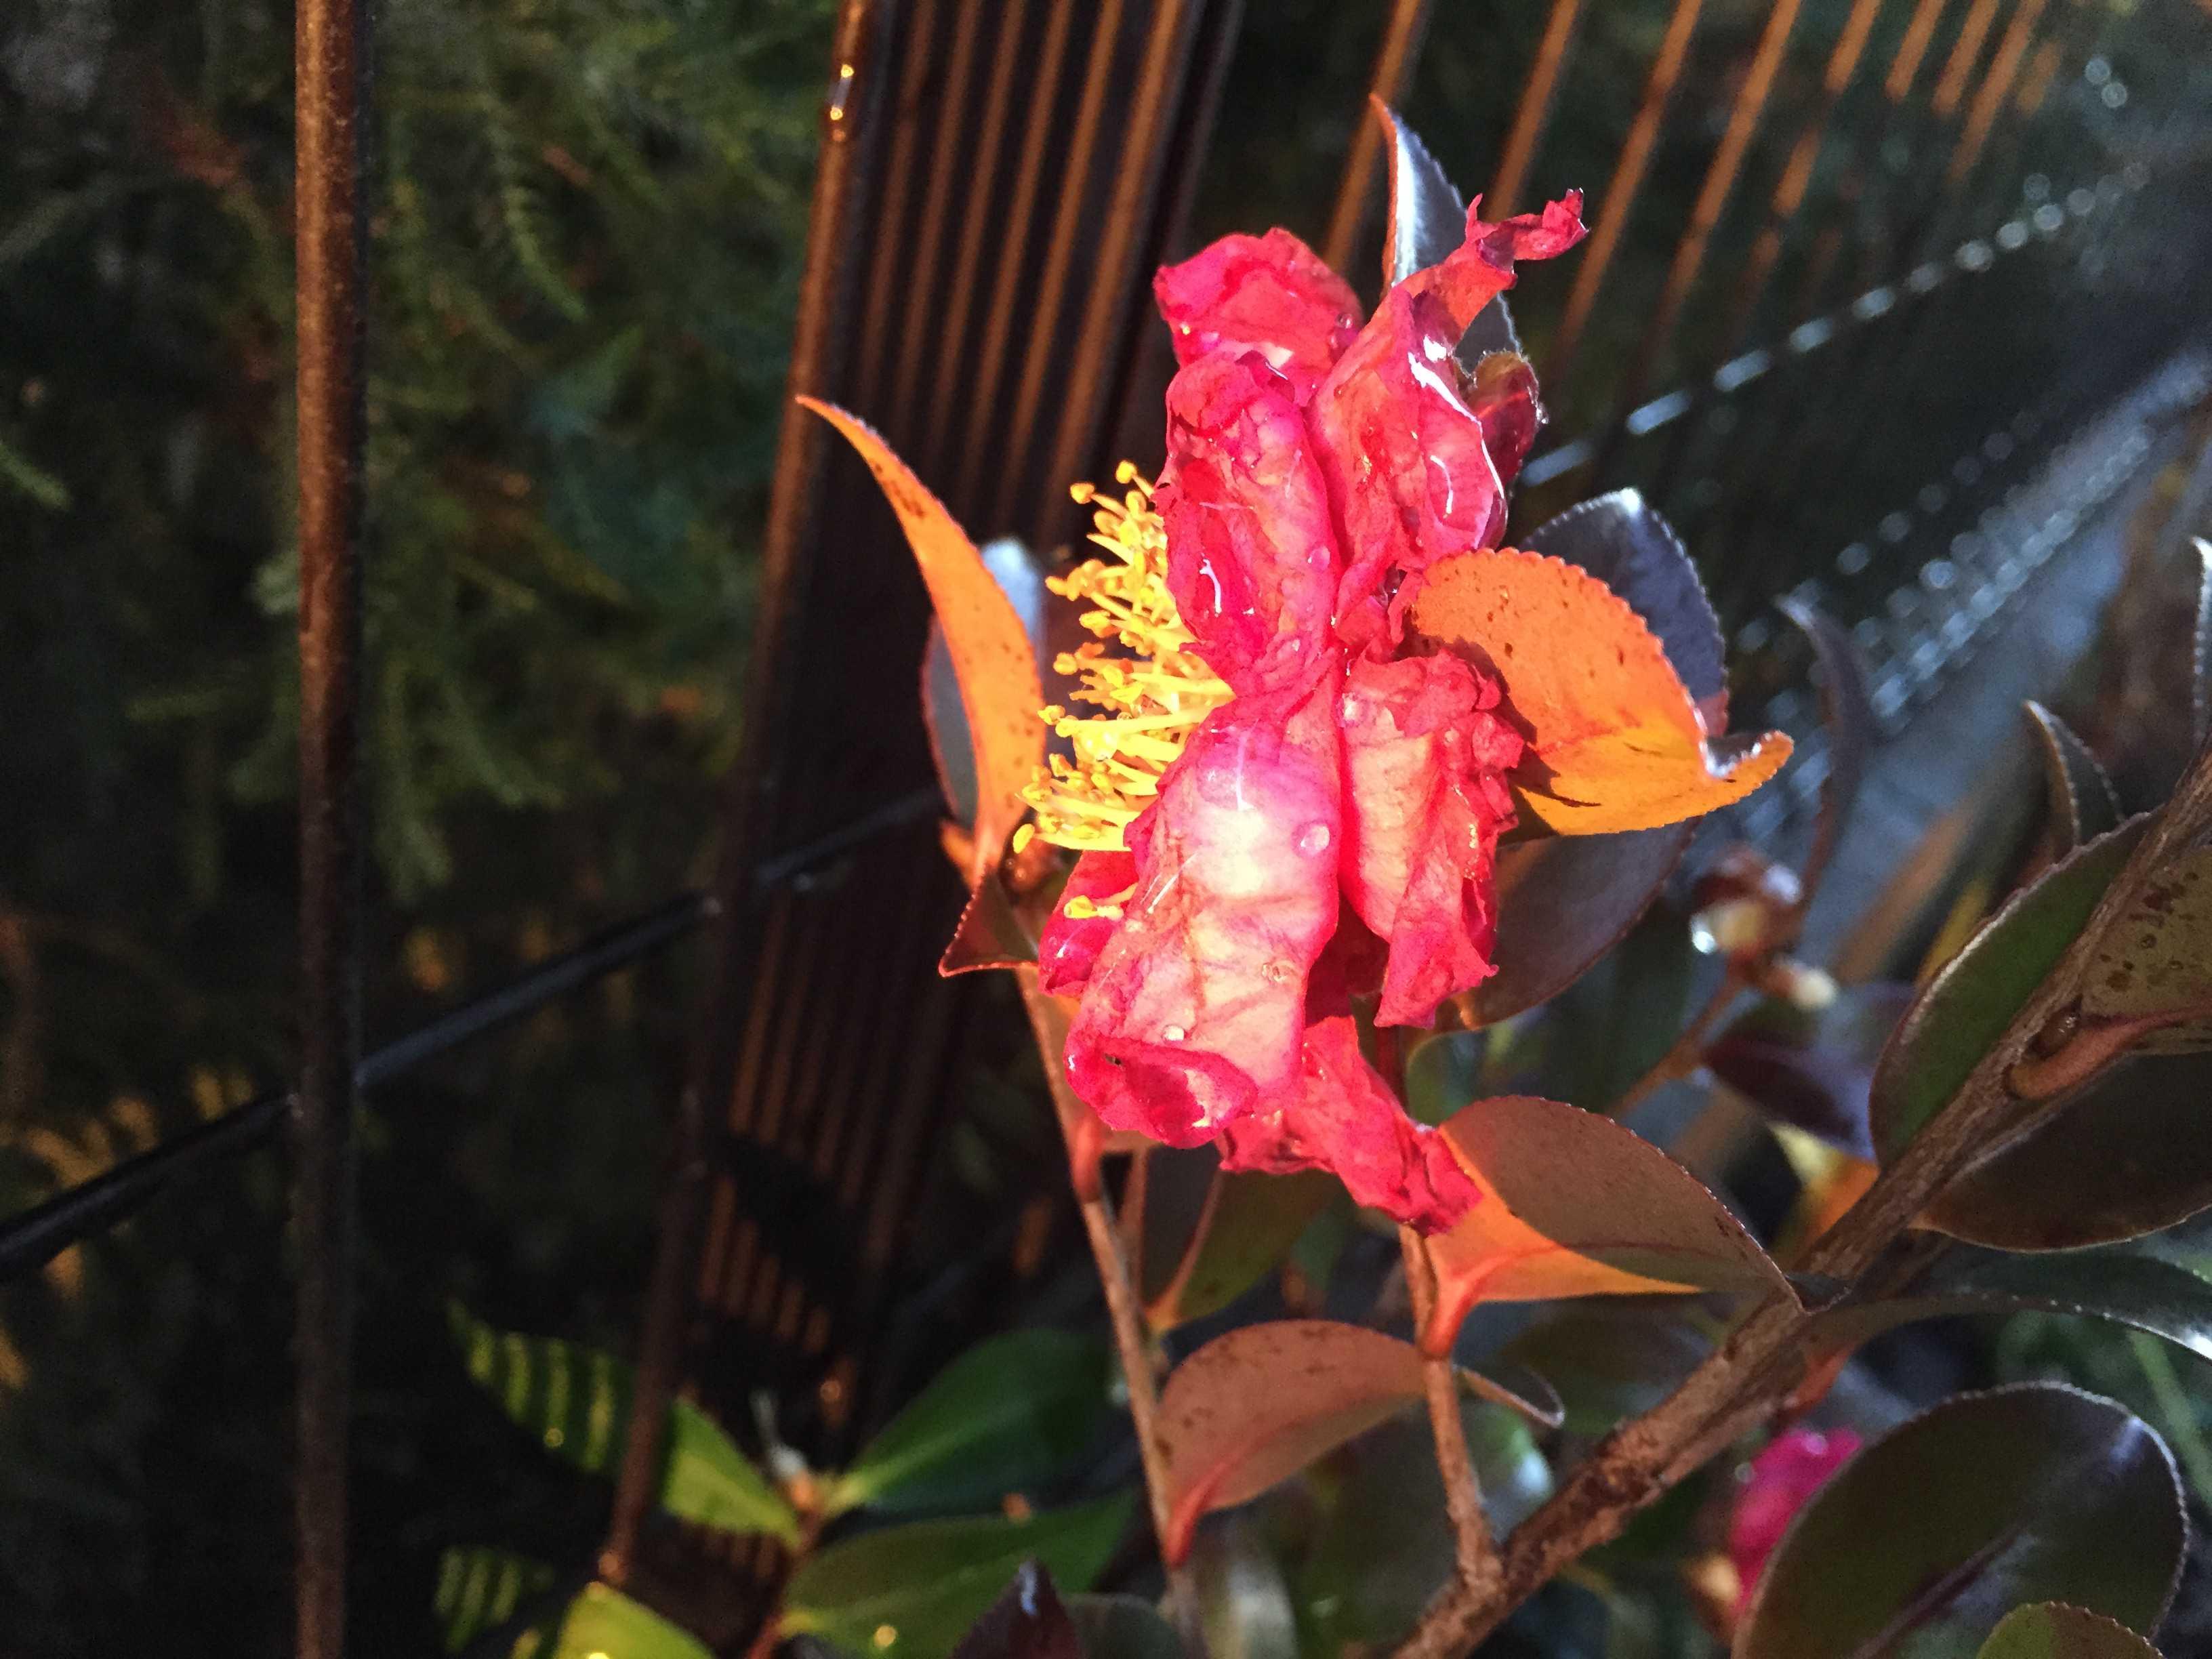 夕陽に照らされる山茶花のタチカン(立寒椿)